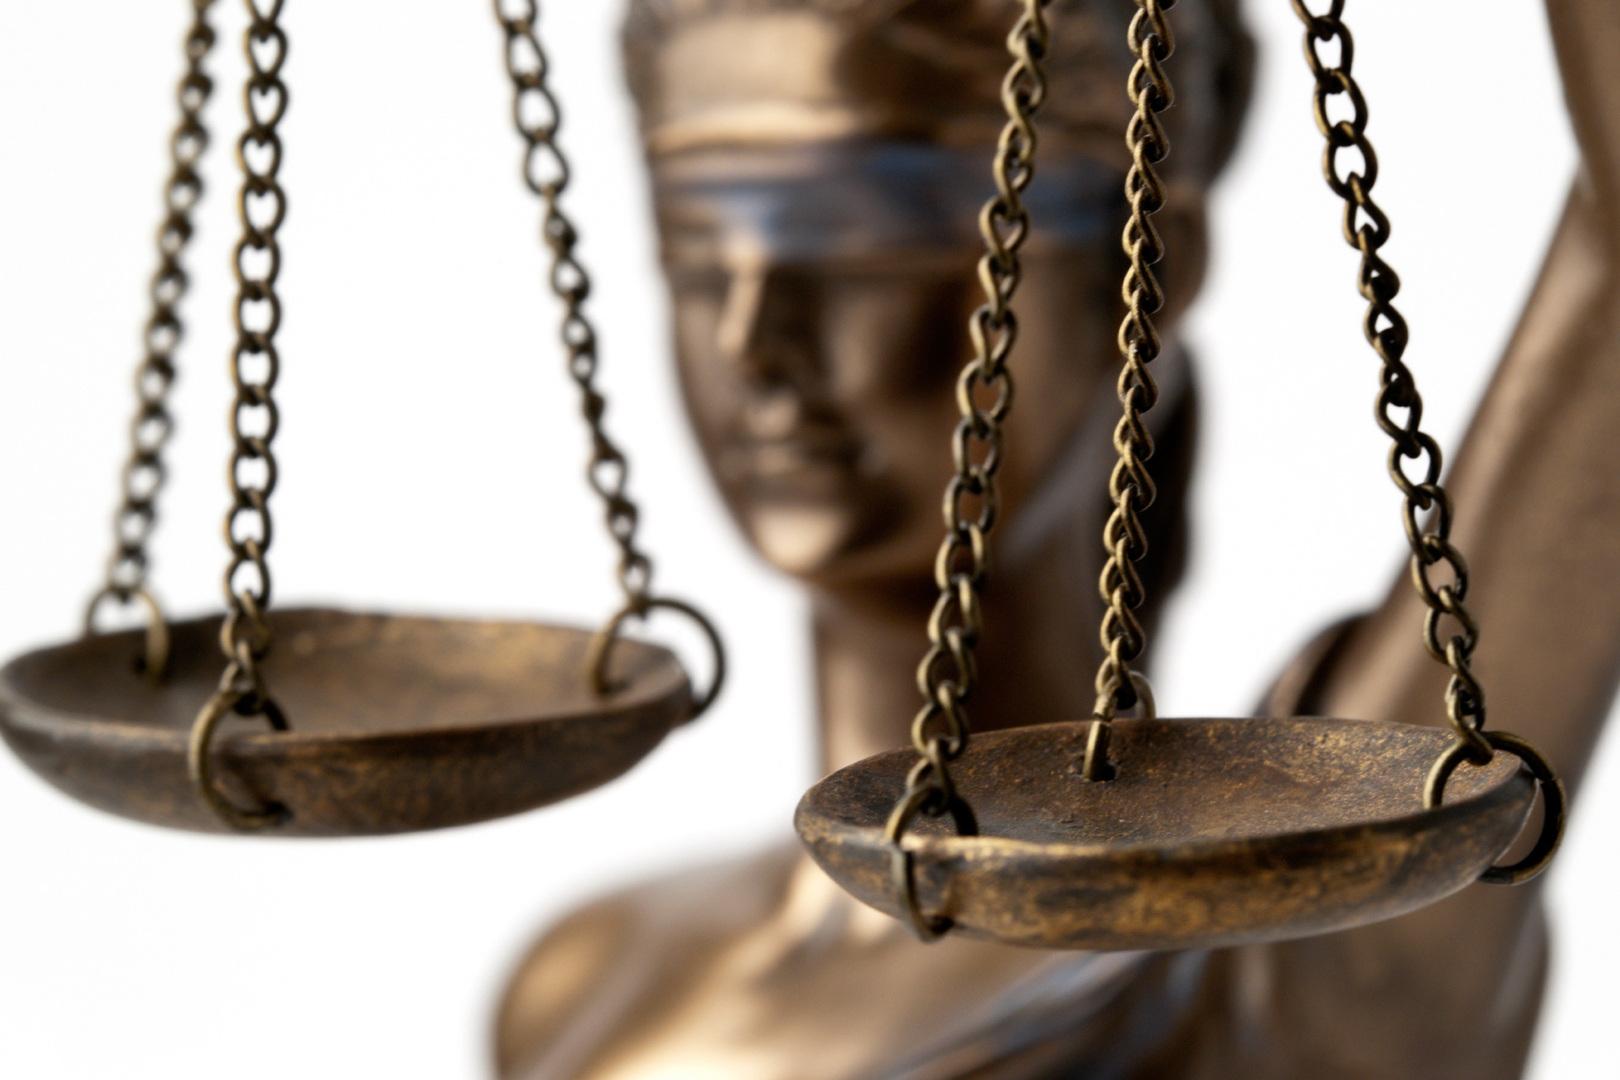 A JUSTIÇA E A CORRUPÇÃO